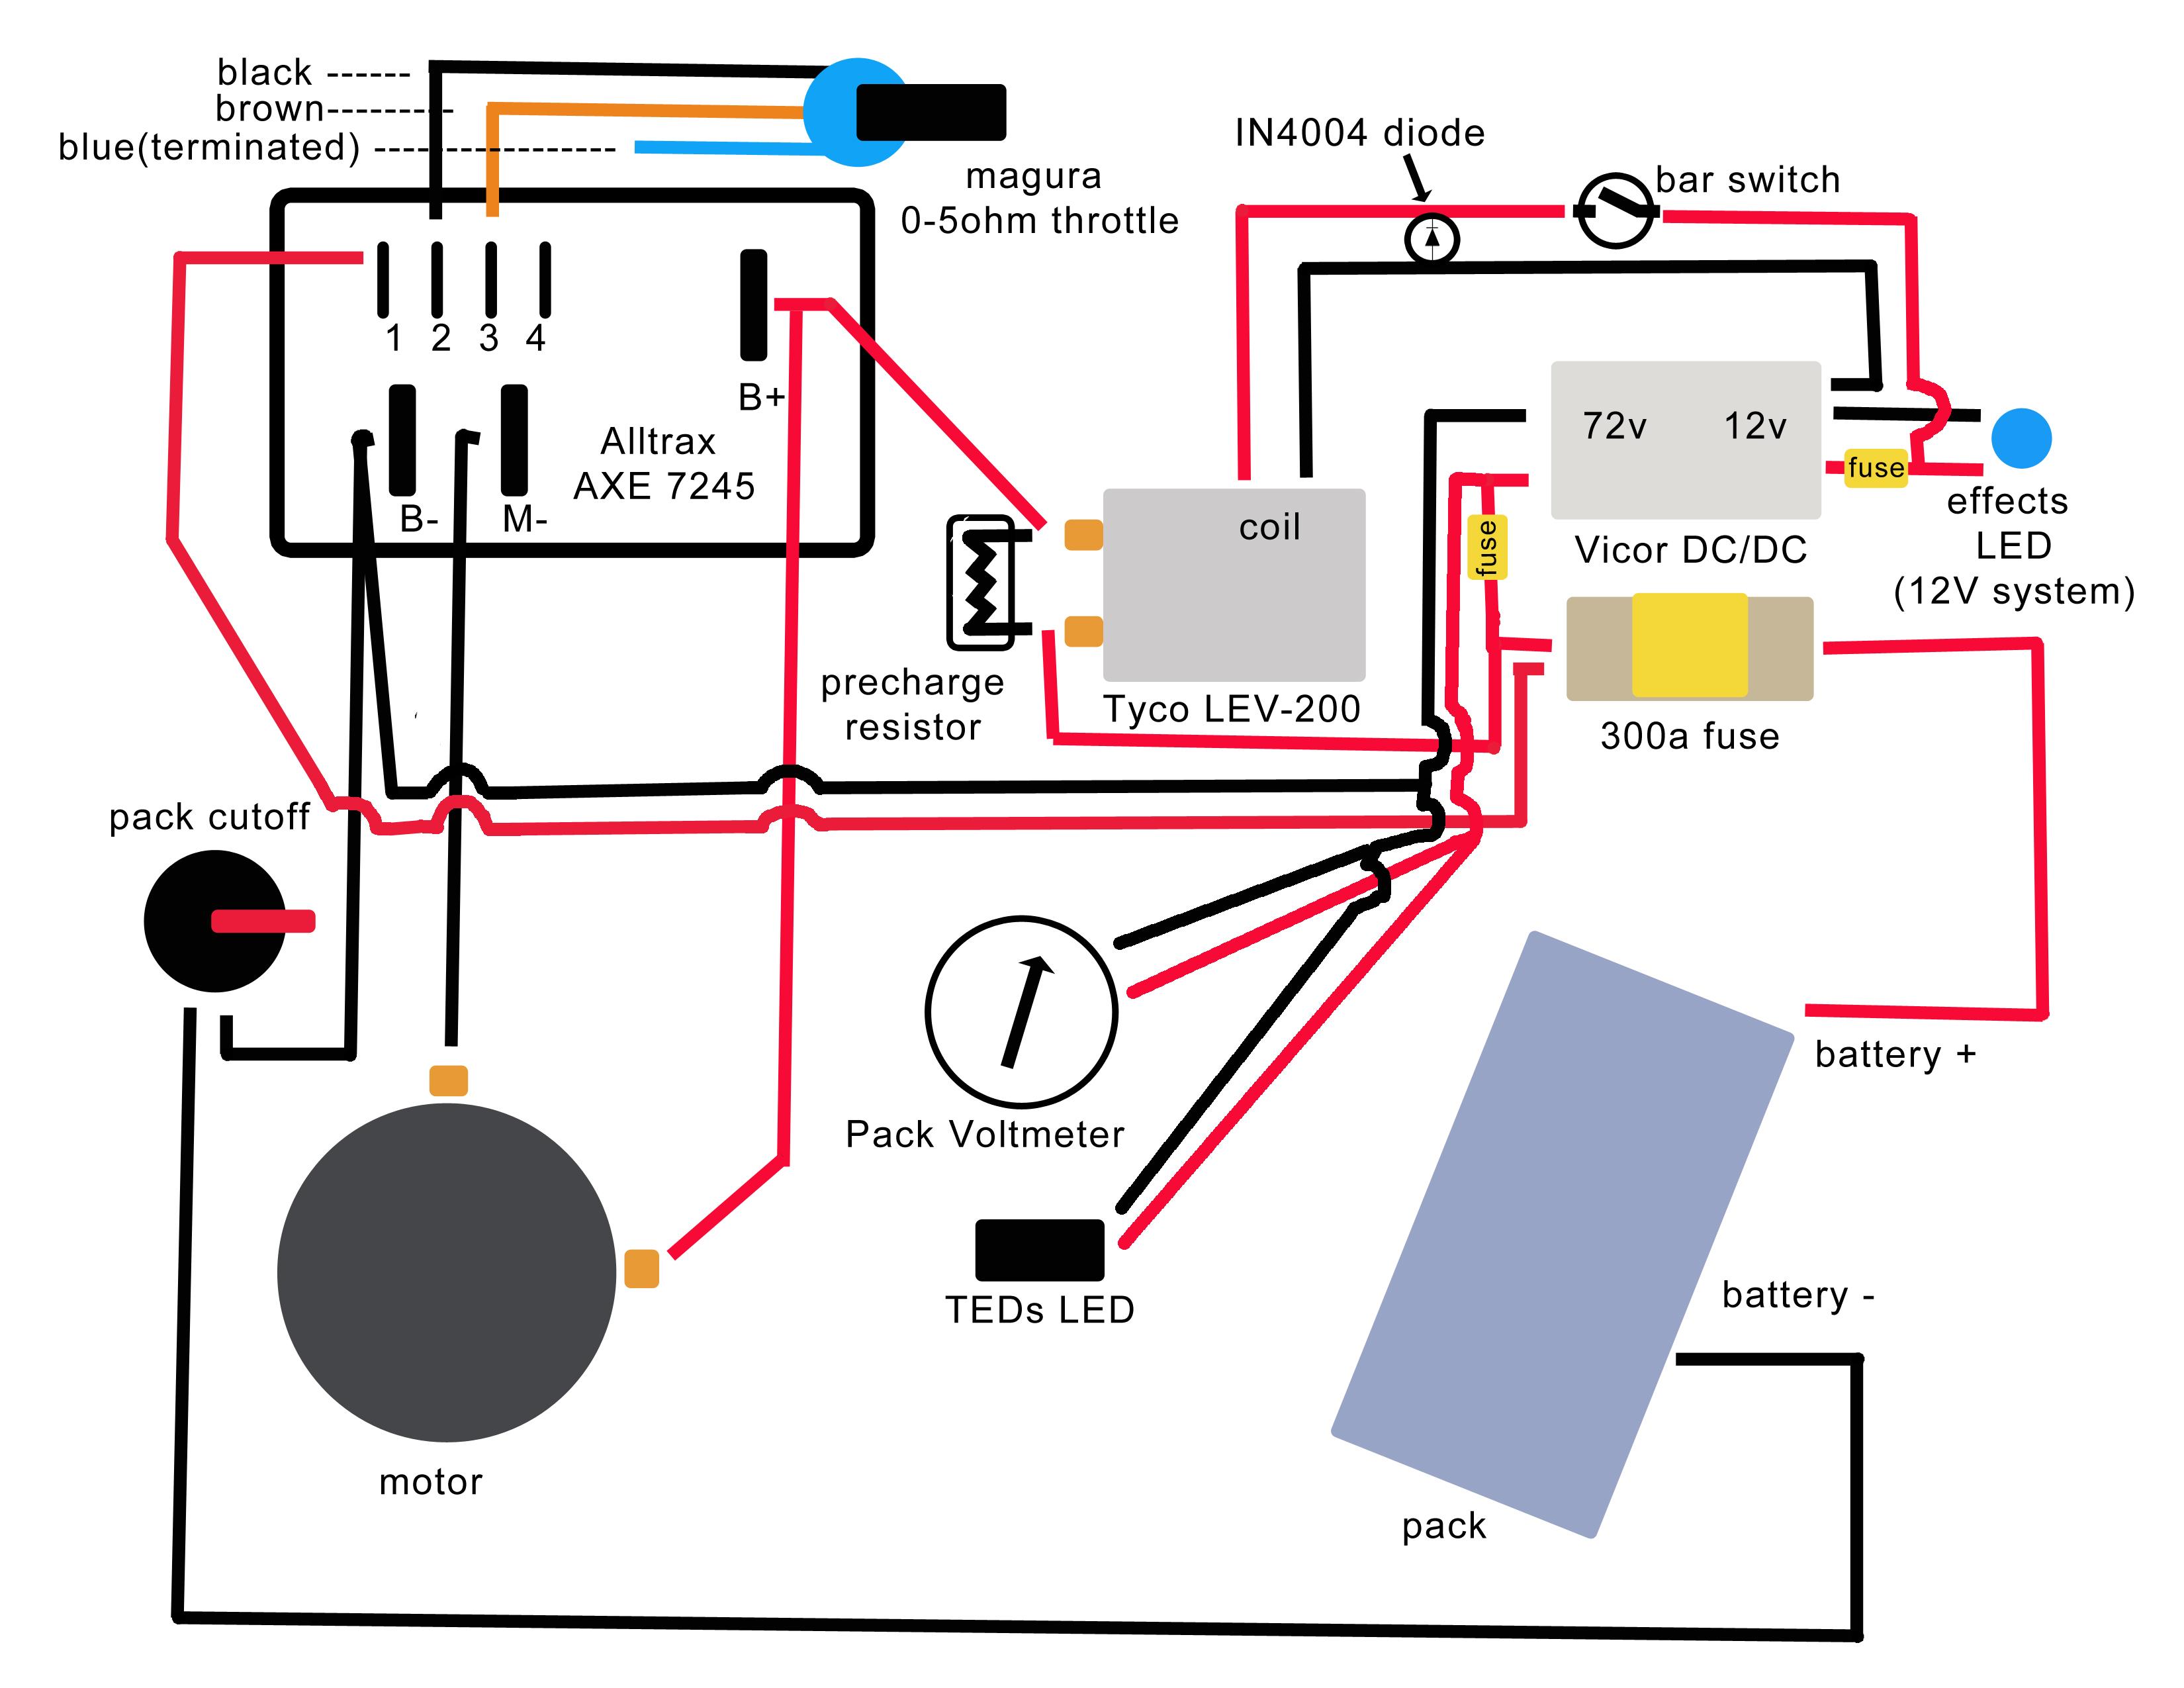 circuit diagram of yo bike everything wiring diagram circuit diagram of yo bike [ 3300 x 2550 Pixel ]